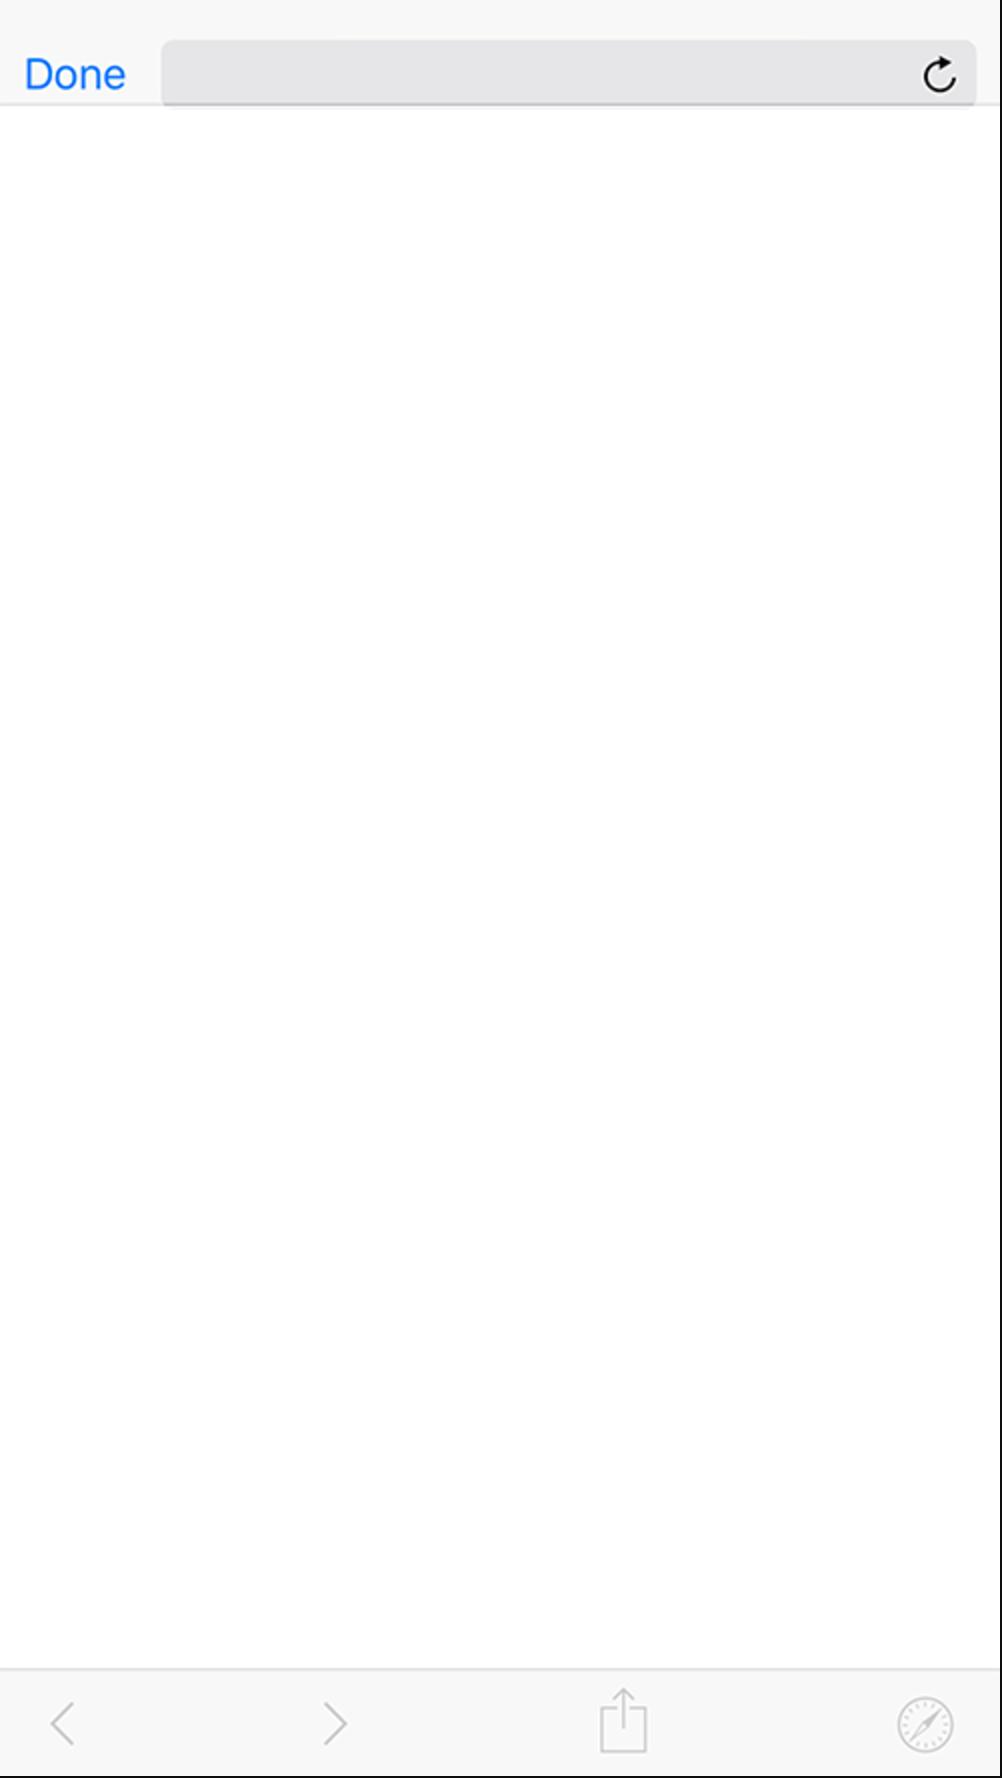 スクリーンショット 2017-10-01 23.31.39.png